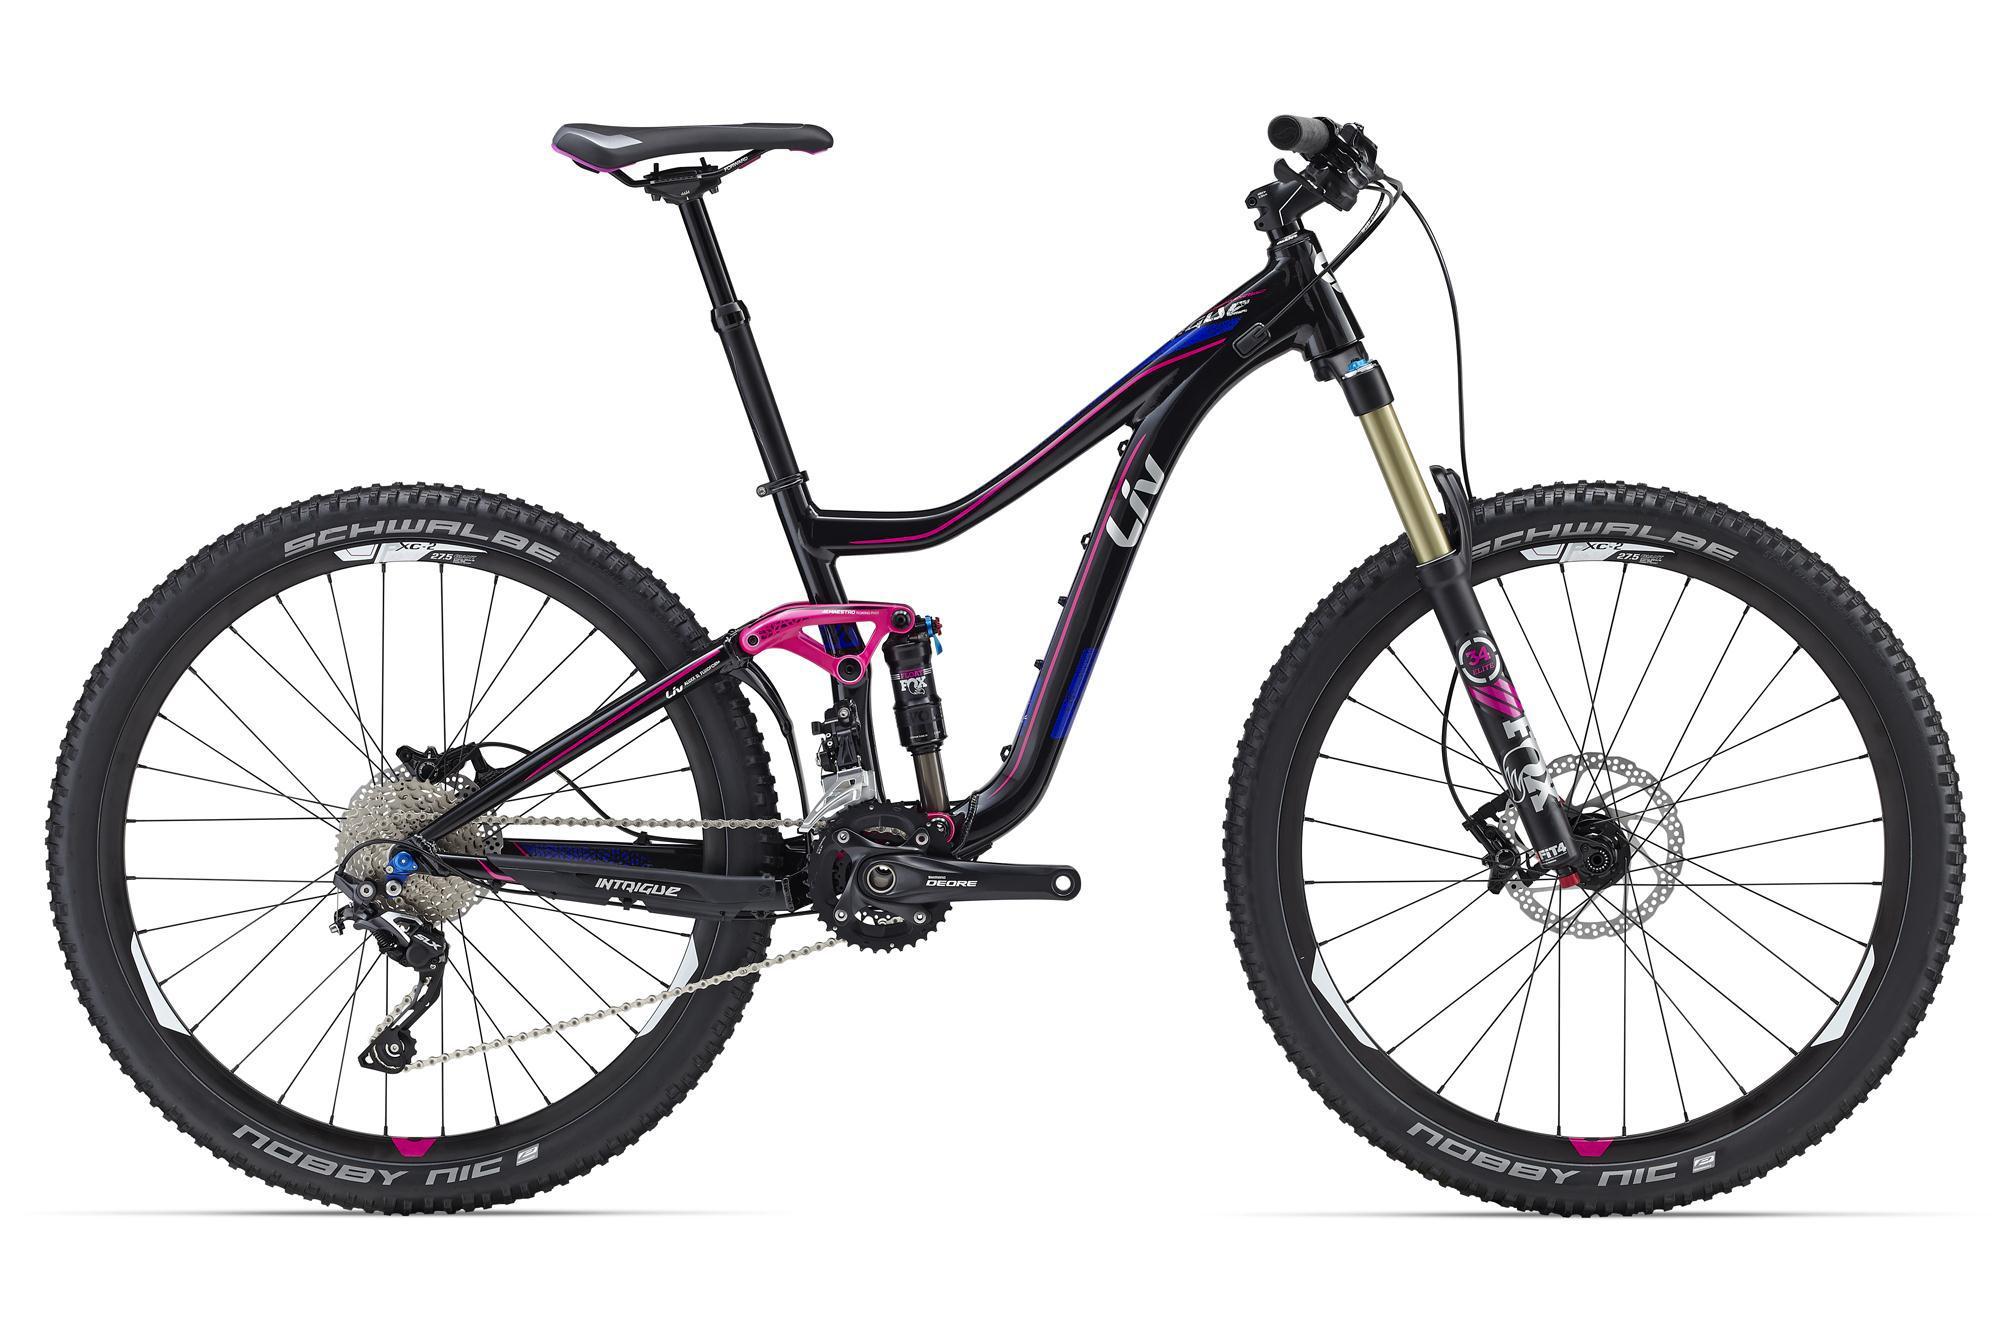 """Giant Intrigue 1 (2016)Горные<br>Когда вы чувствуете, что что-то стоит на пути между вами и более продвинутыми умениями, то, возможно, пора задуматься о новом велосипеде. Intrigue поможет раскрыть ваш велосипедный потенциал на техничных трейлах и новых сложных маршрутах. Разработанный специально для женщин, Intrigue изготавливается из алюминия ALUXX SL, обладающего очень низким весом при большом запасе прочности. Его специальная геометрия LIV позволяет девушкам чувствовать себя комфортно даже с большими колесами 27,5"""".<br>Плавность 140 мм хода подвески Maestro обеспечивает задний амортизатор Fox Float Performance DPS, это идеальный выбор для трейлового катания. Вилка Fox Float 34 Performance Elite имеет изменяемый ход 120/140 мм, что позволит приспособить ее к любым трассам, трансмиссия Shimano Deore/SLX 2x10 работает точно и безотказно и готова терпеть даже жесткое обращение.<br>Дисковые гидравлические тормоза с большой мощностью и отличной модуляцией помогут поверить в свои силы и развивать умения. А для комфорта на разнообразном рельефе на Intrigue 1 установлен регулируемый подседельный штырь Giant Contact SL Switch.<br>"""